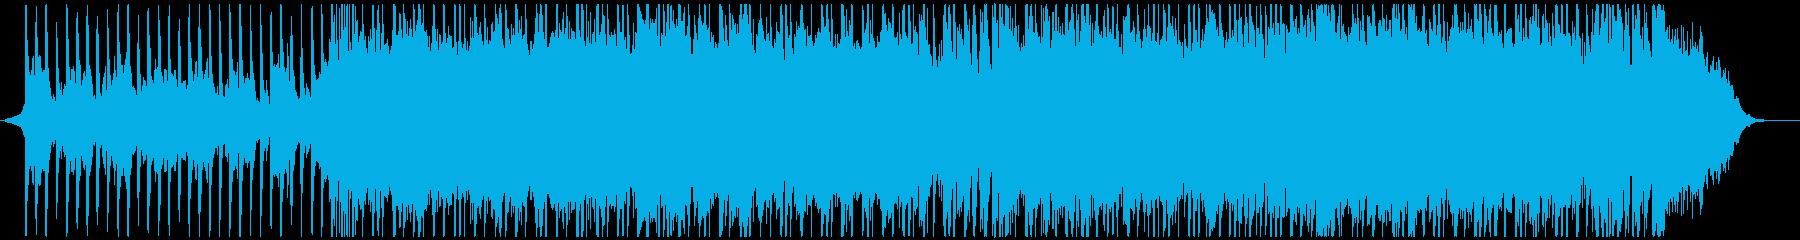 【ショート】感動的クラシカルポップの再生済みの波形